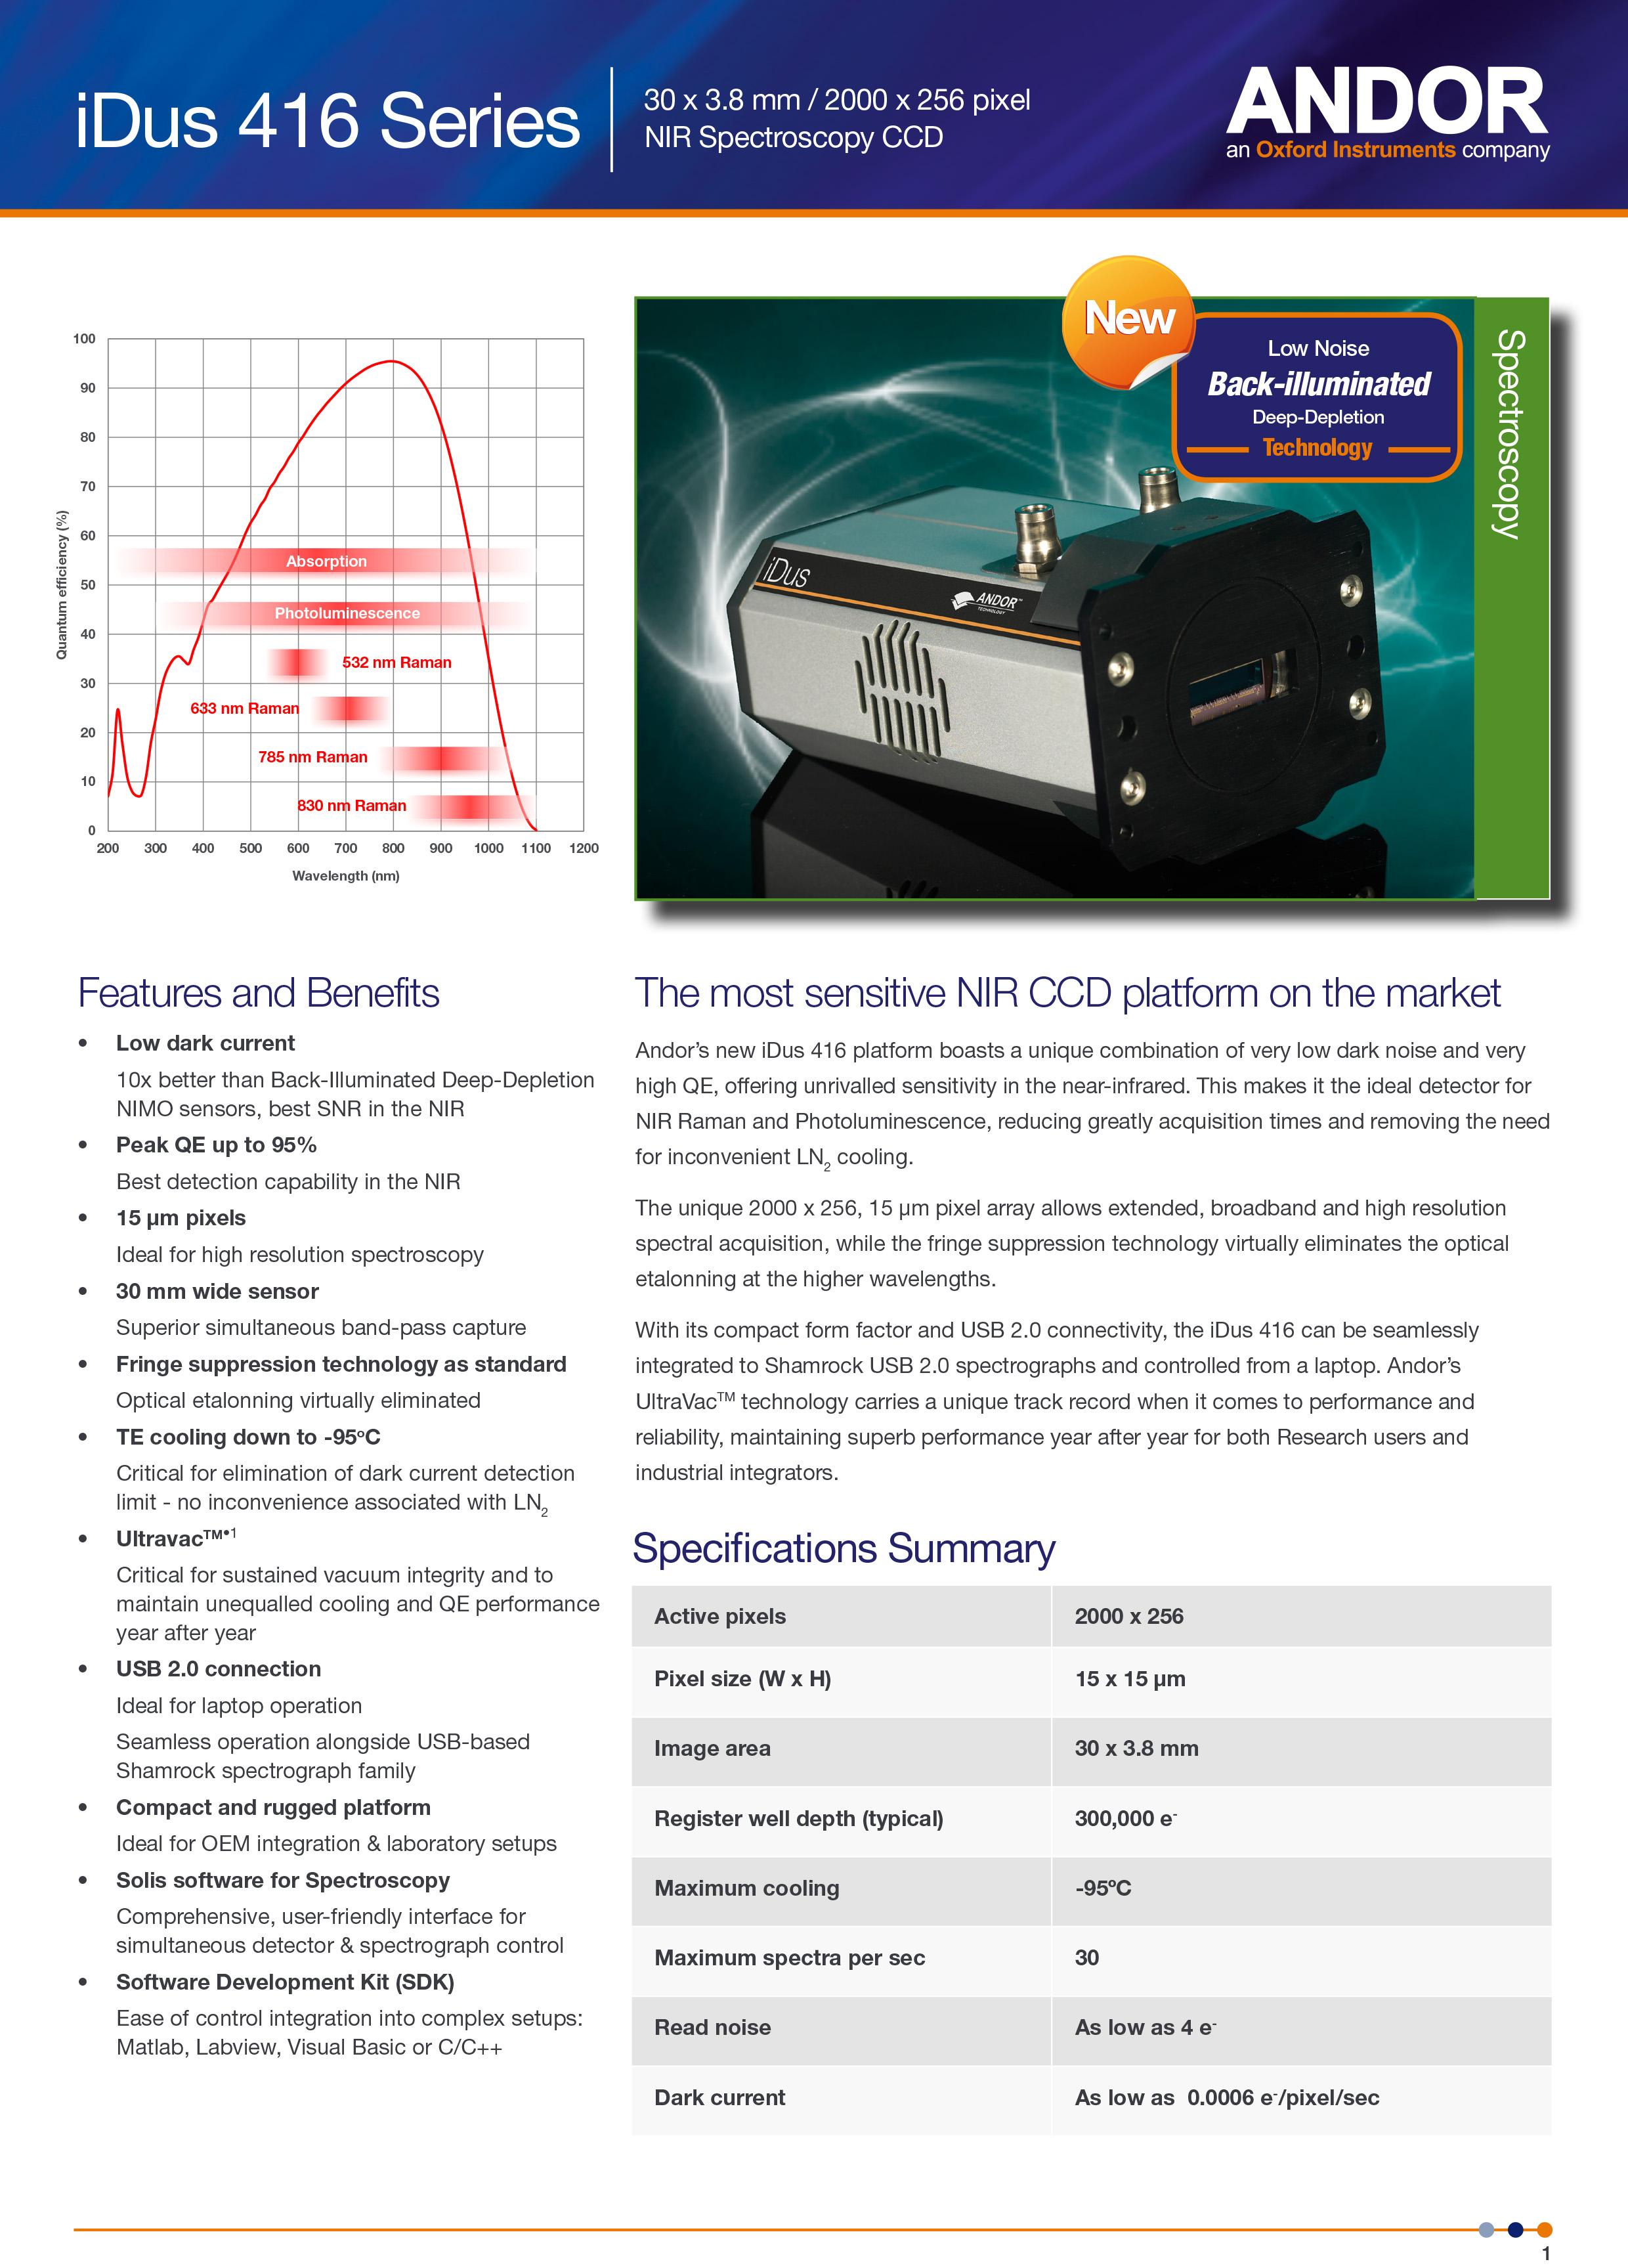 Alle Details und technischne Spezifikationen der iDus 416 Serie